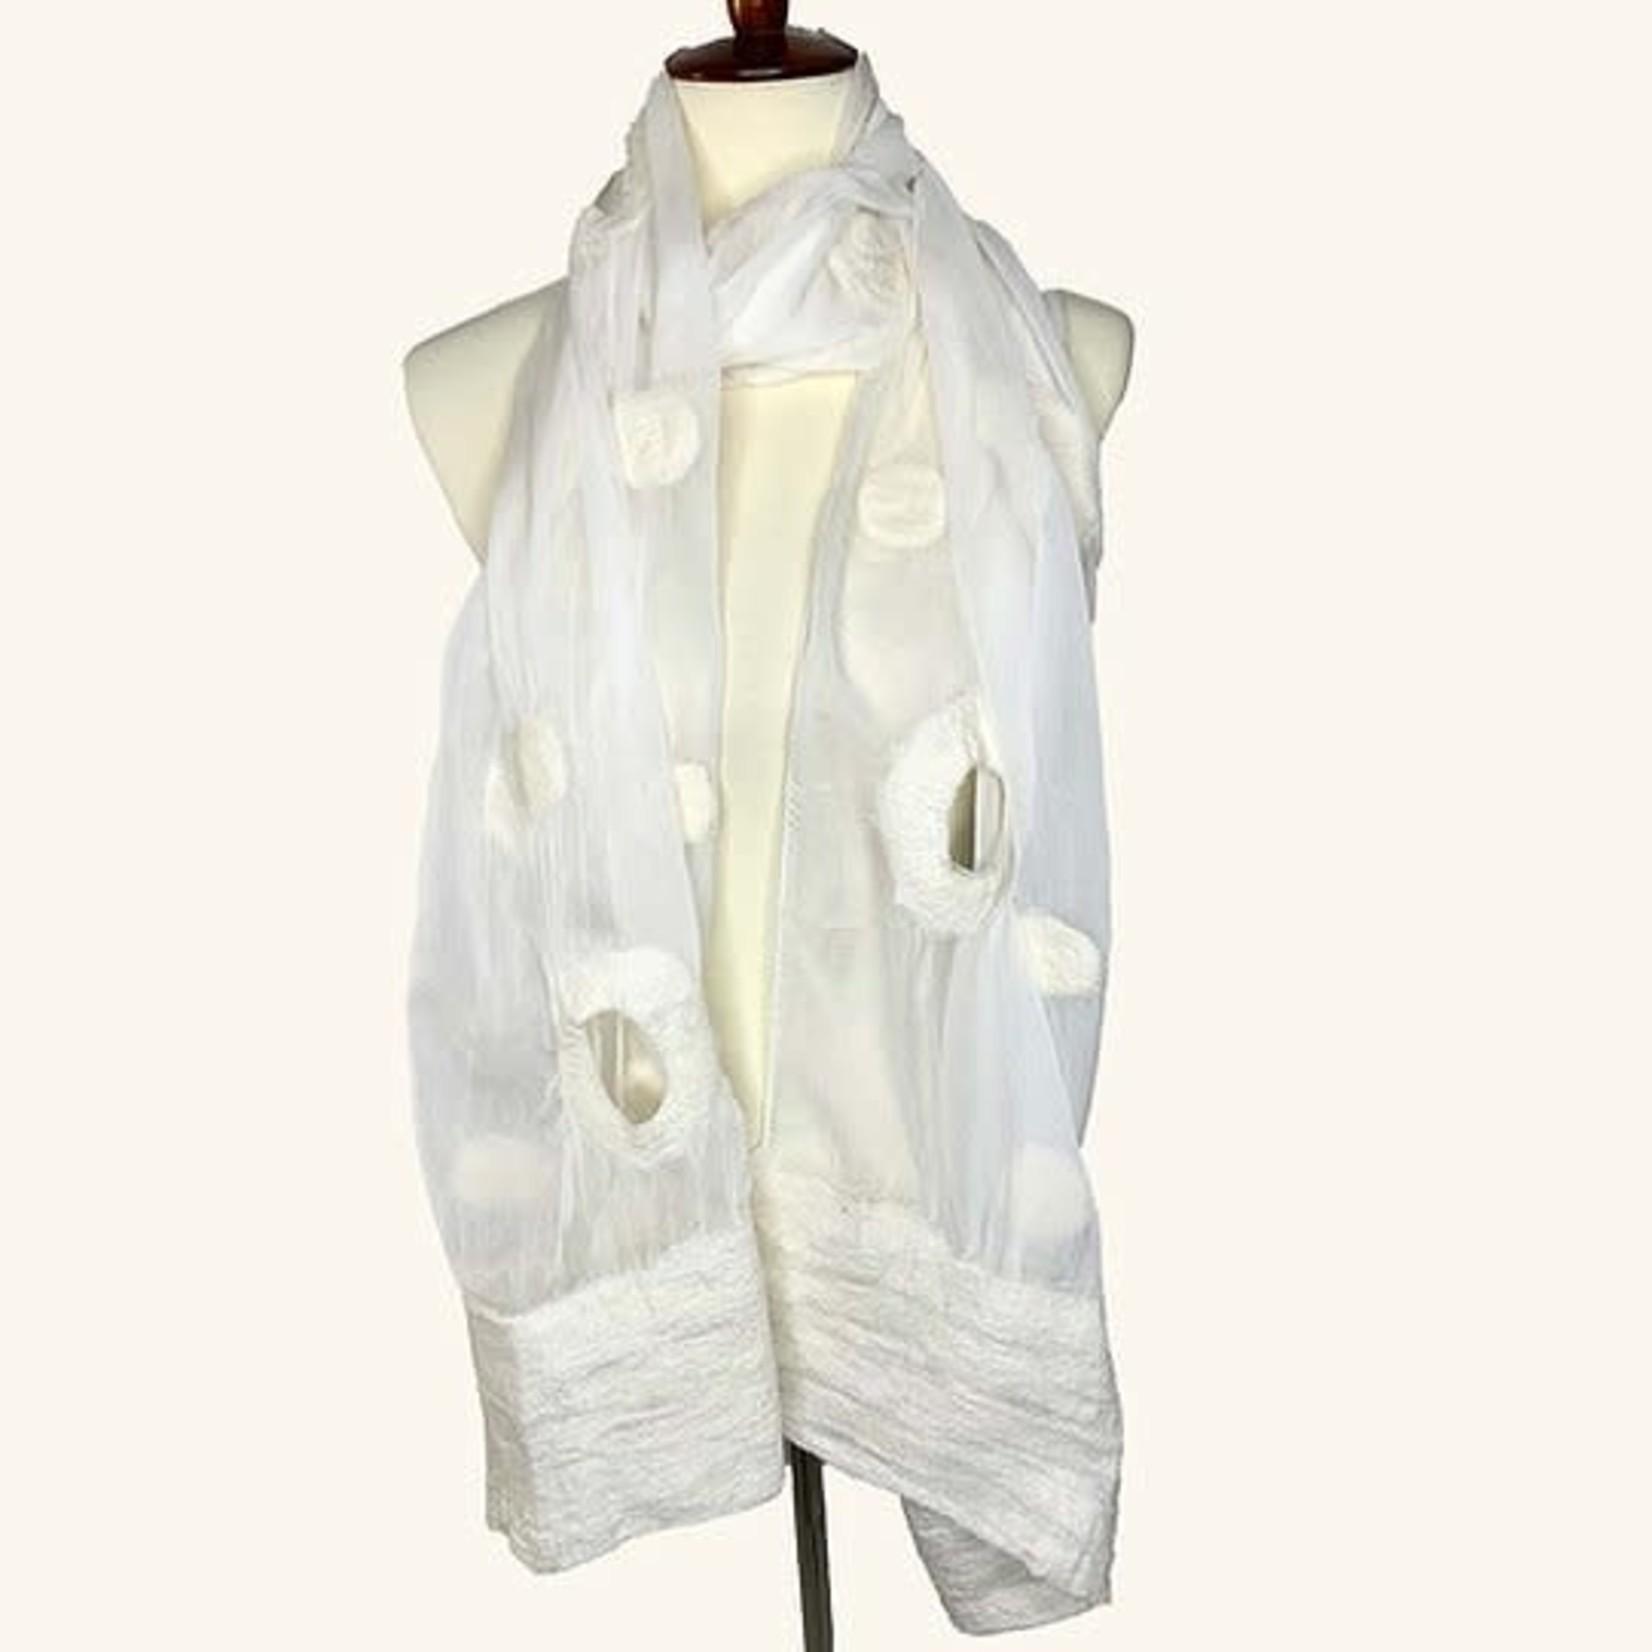 Circles & Dots White Wool & Chiffon Scarf